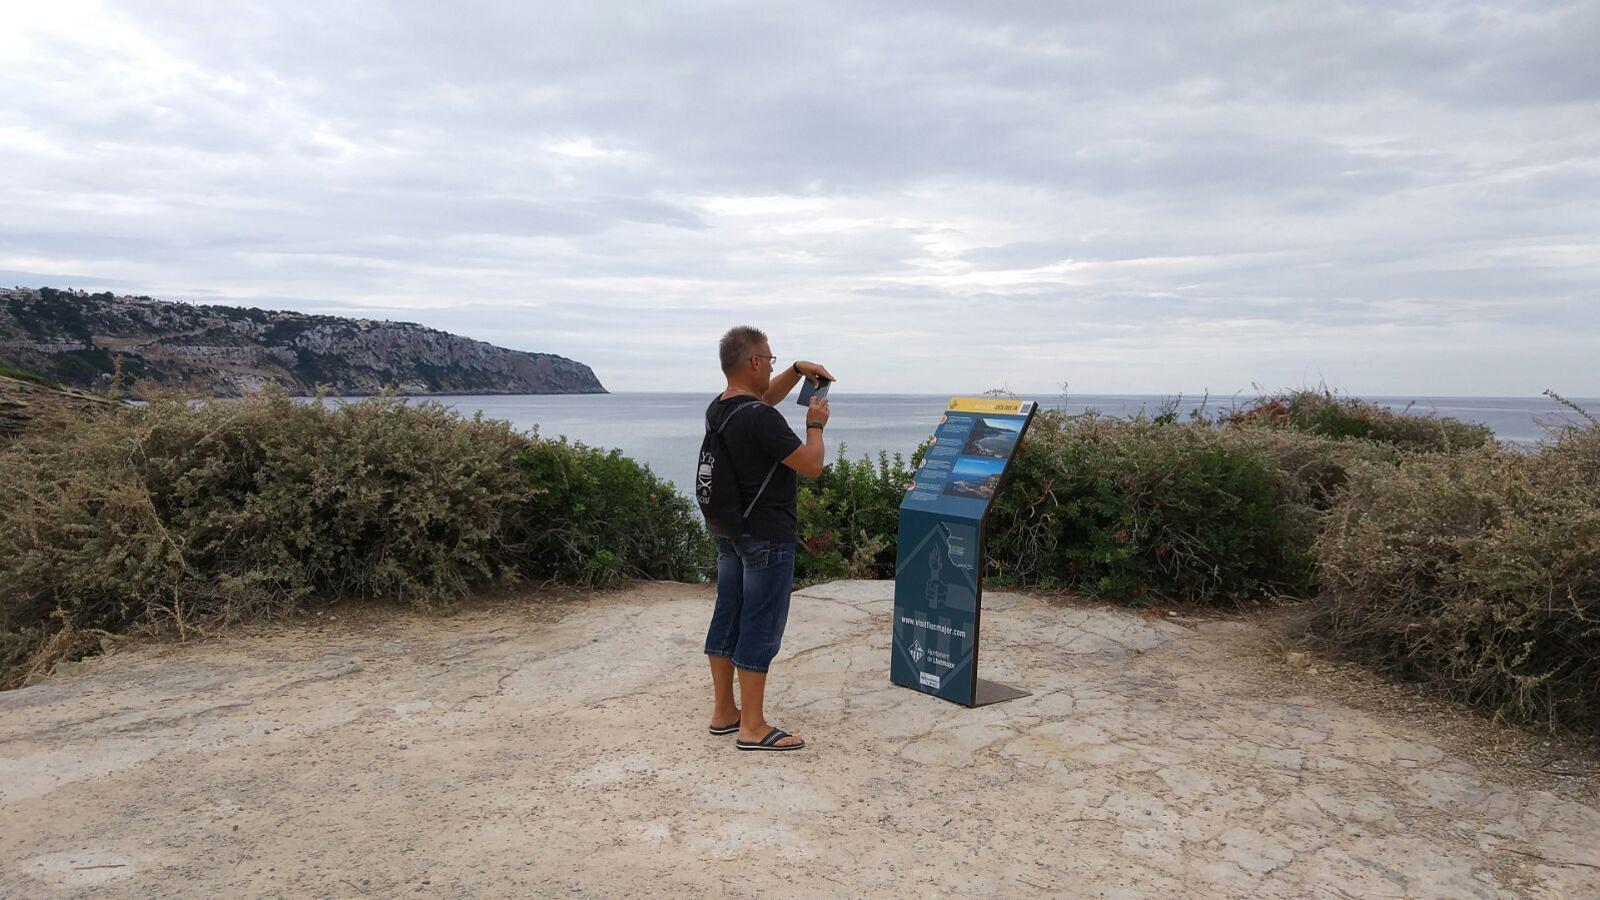 Llucmajor disposa d'una xarxa de miradors amb vistes a gran part de Mallorca.